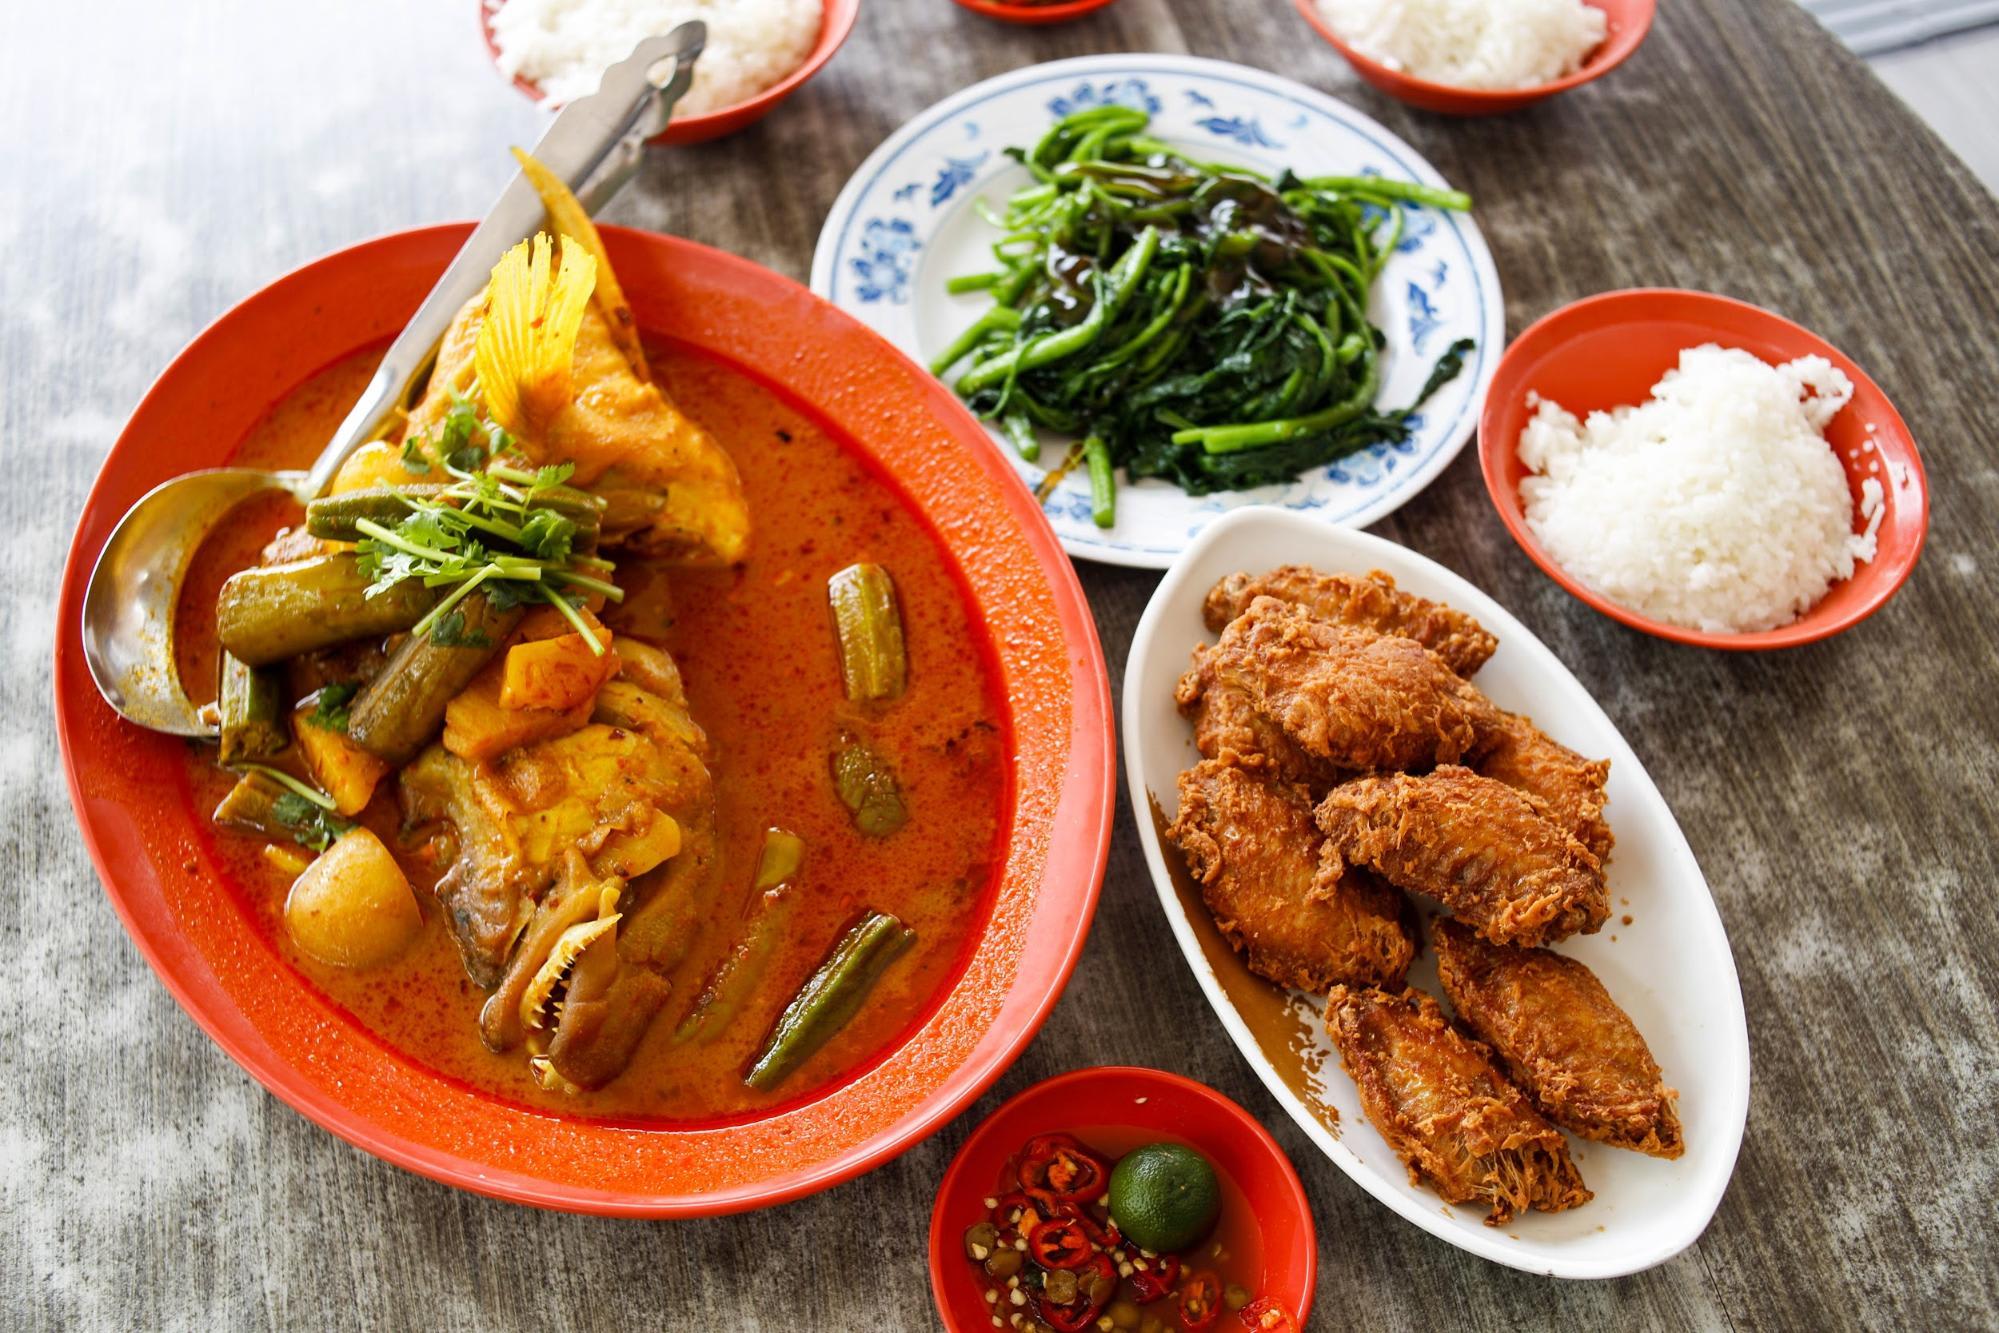 zai shun seafood